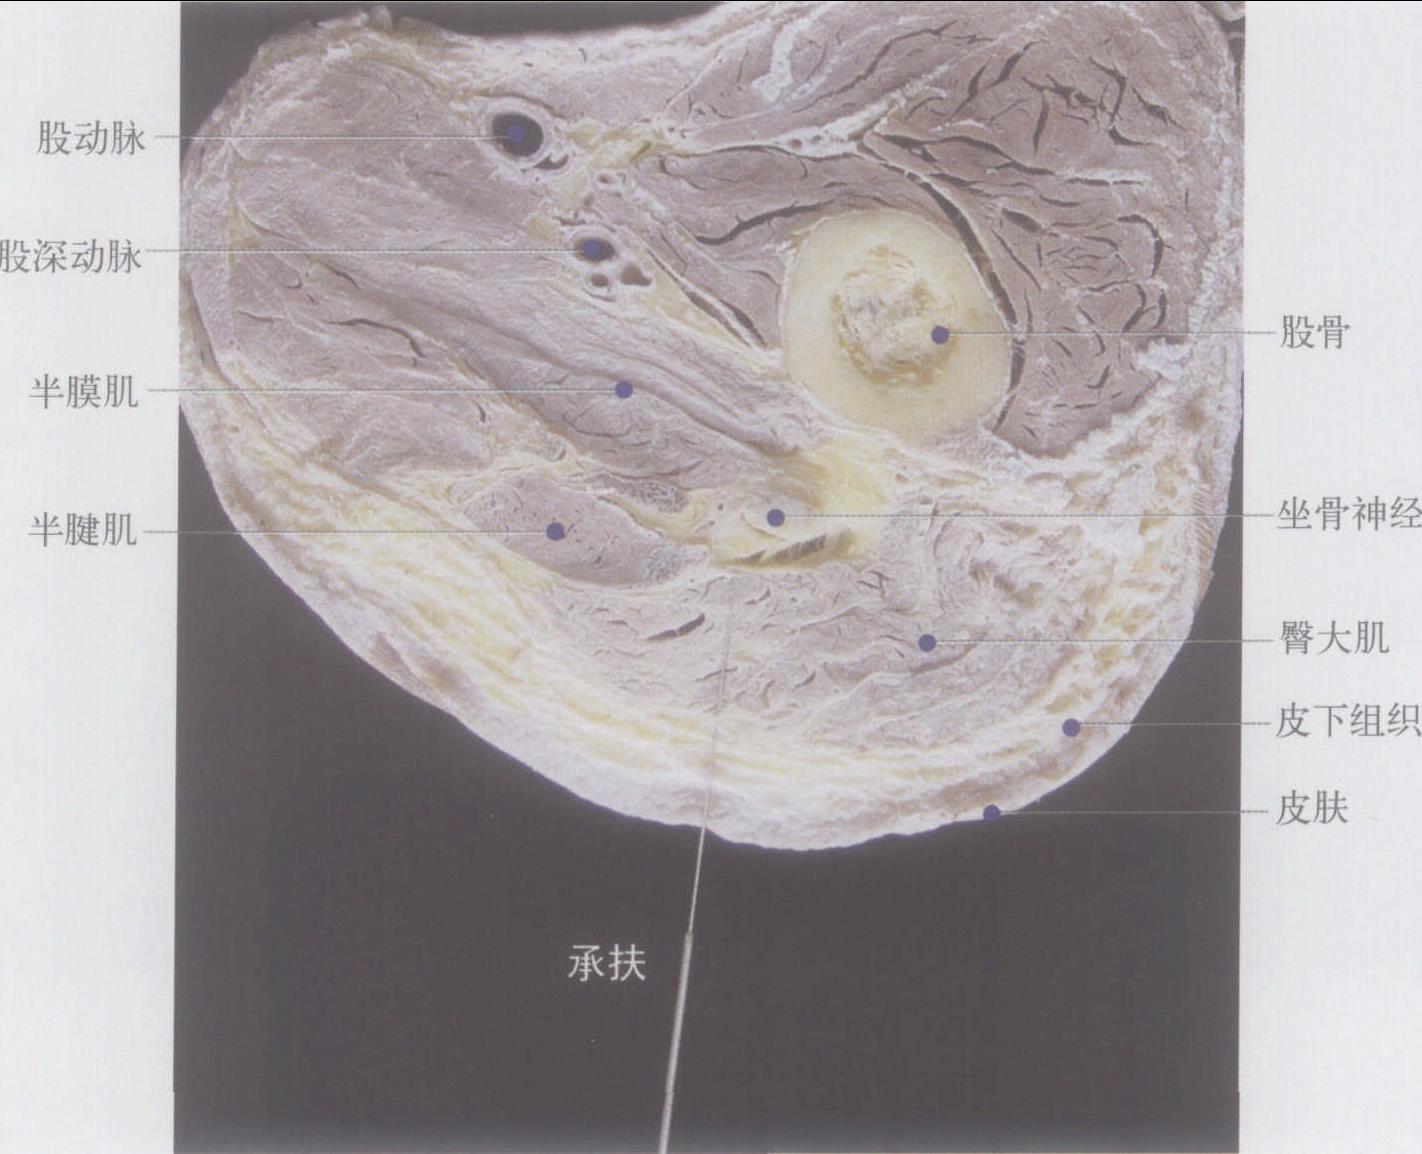 (图) 右承扶穴横切面 :  【定位】 在大腿后面,臀下